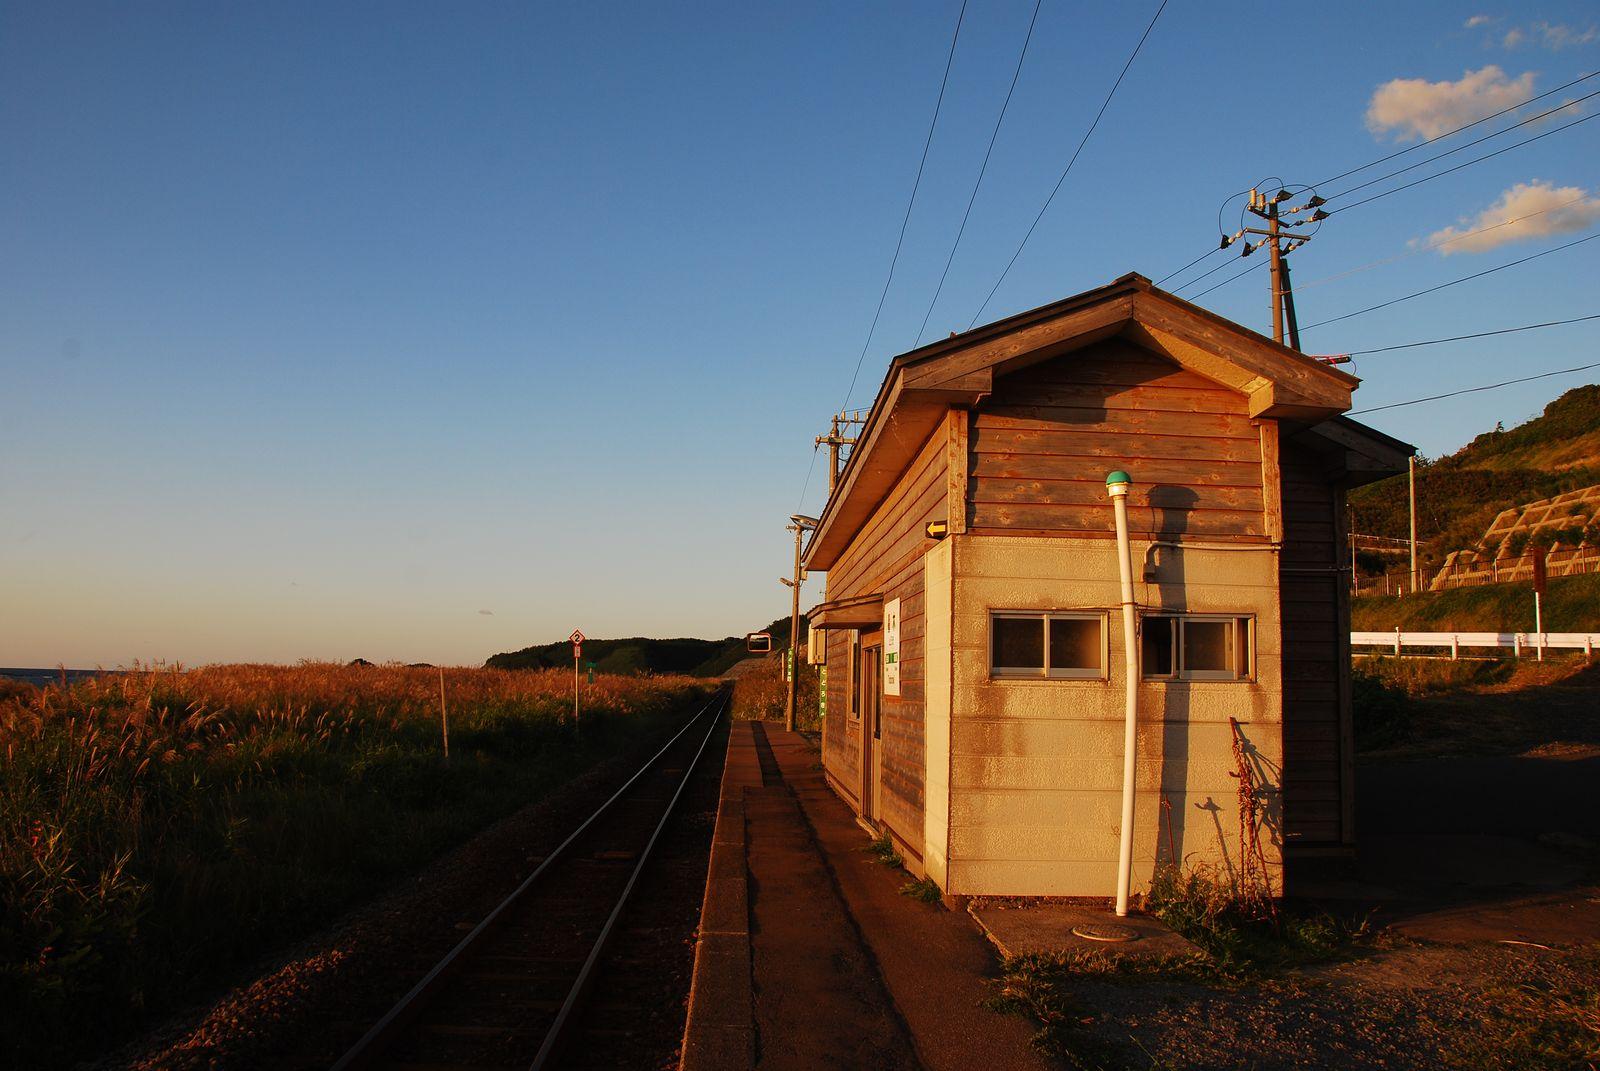 10 สถานีรถไฟญี่ปุ่นที่มีทิวทัศน์สวยงาม-สถานีรถไฟ โทโดโรกิ